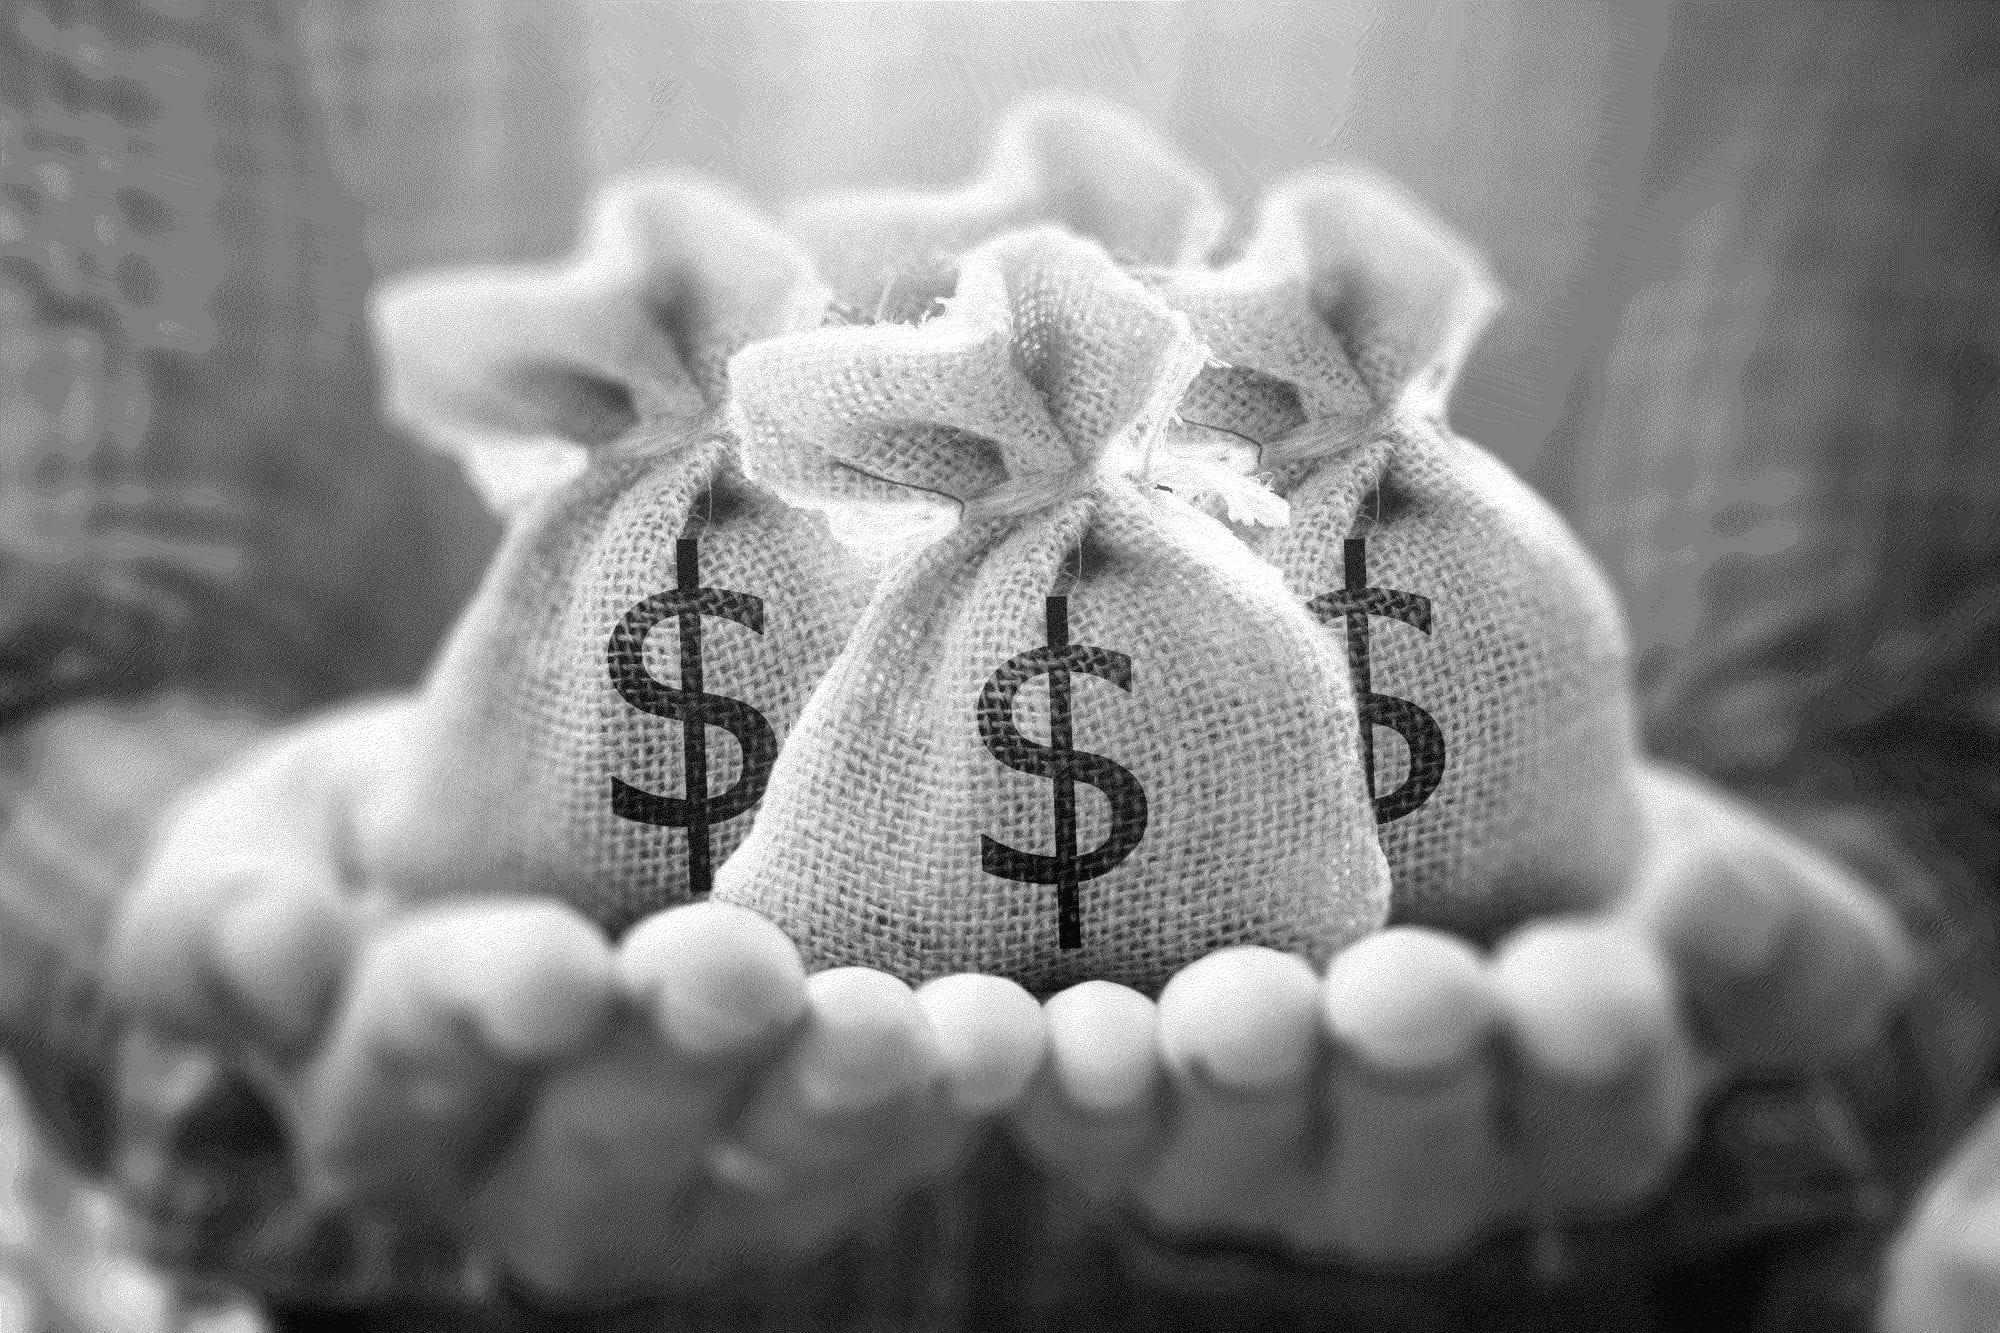 Consigue Préstamos Personales Sin Buró De Crédito